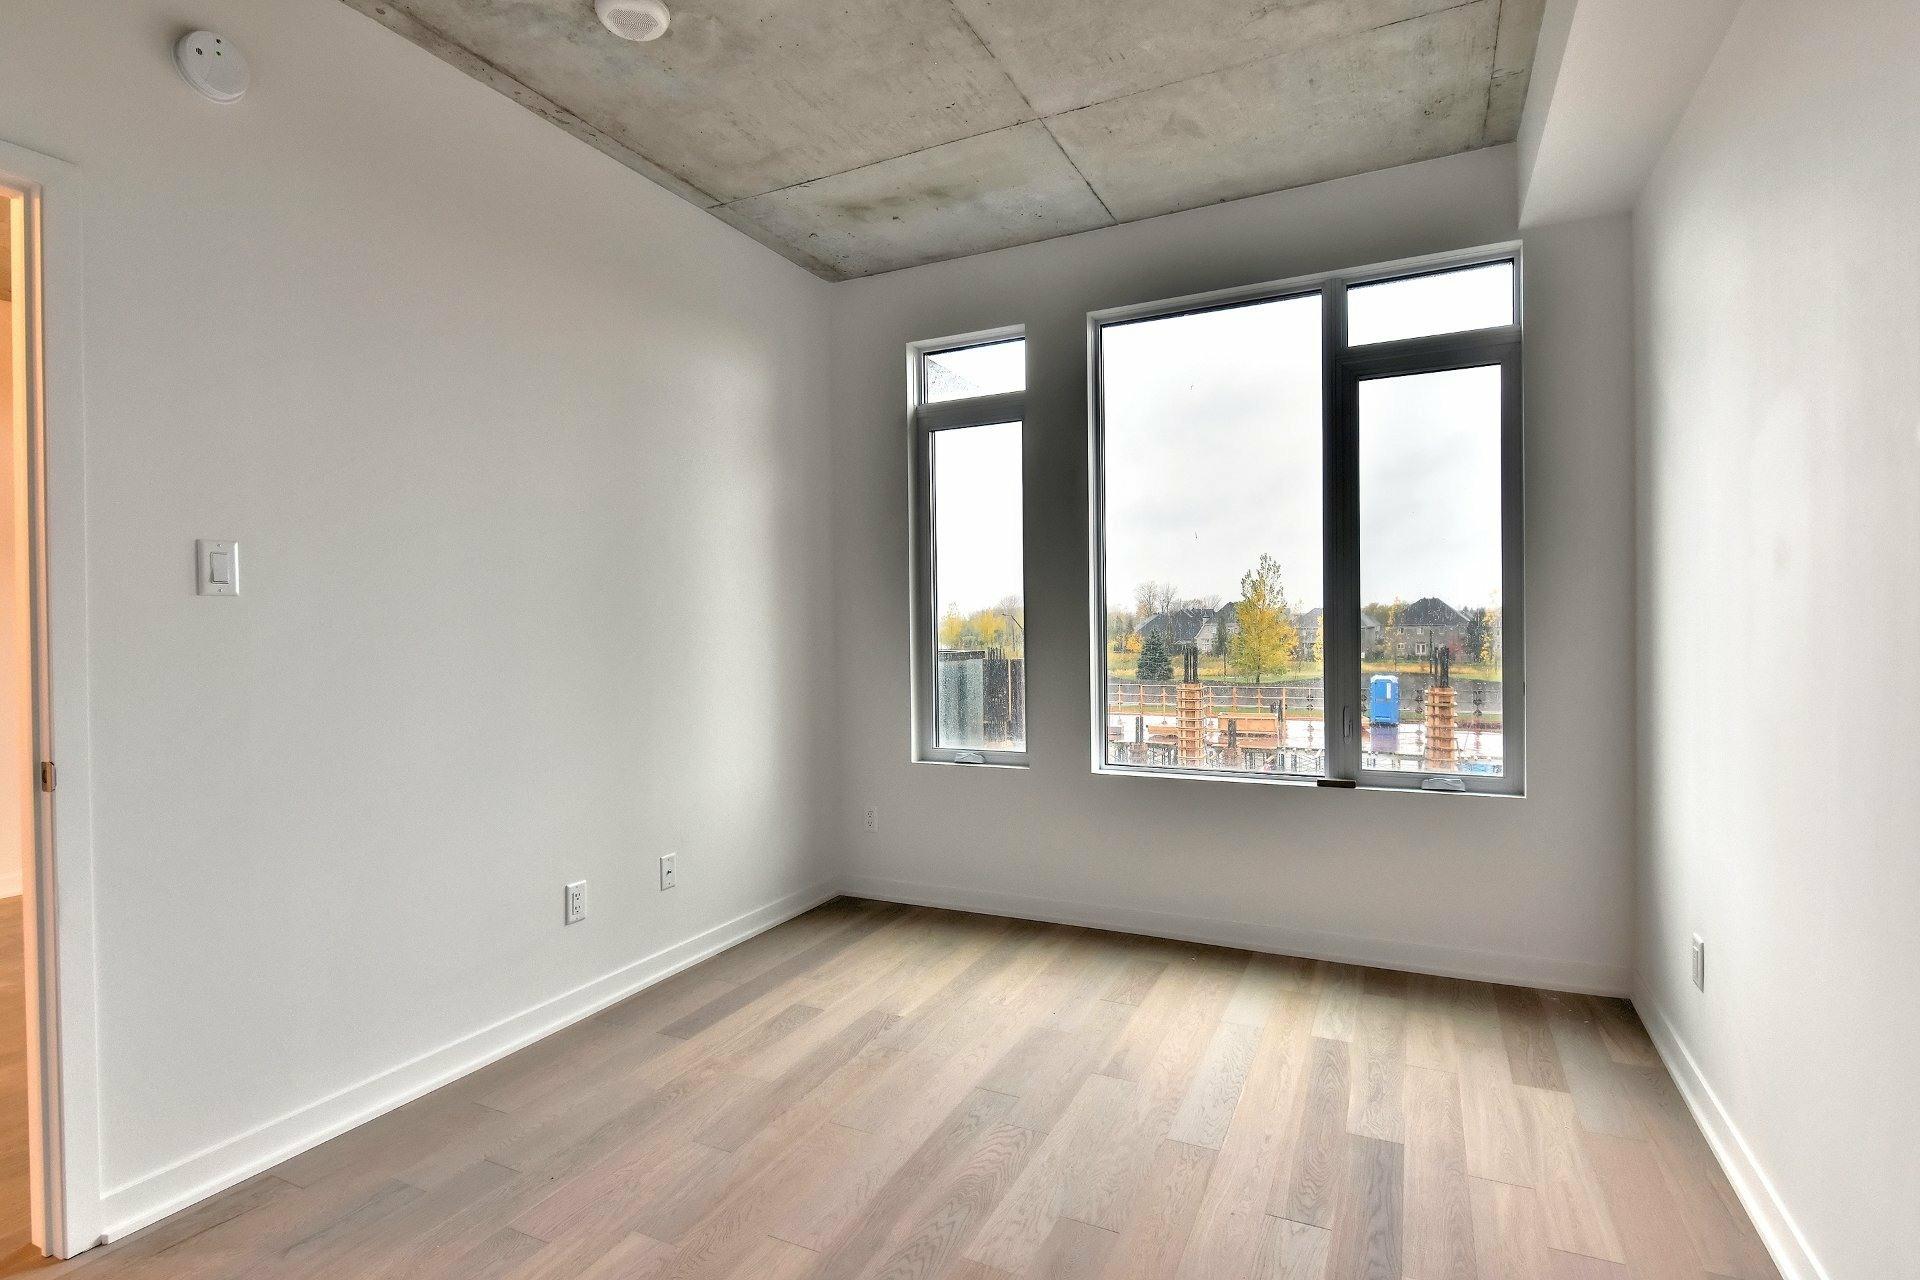 image 9 - Appartement À louer Brossard - 4 pièces